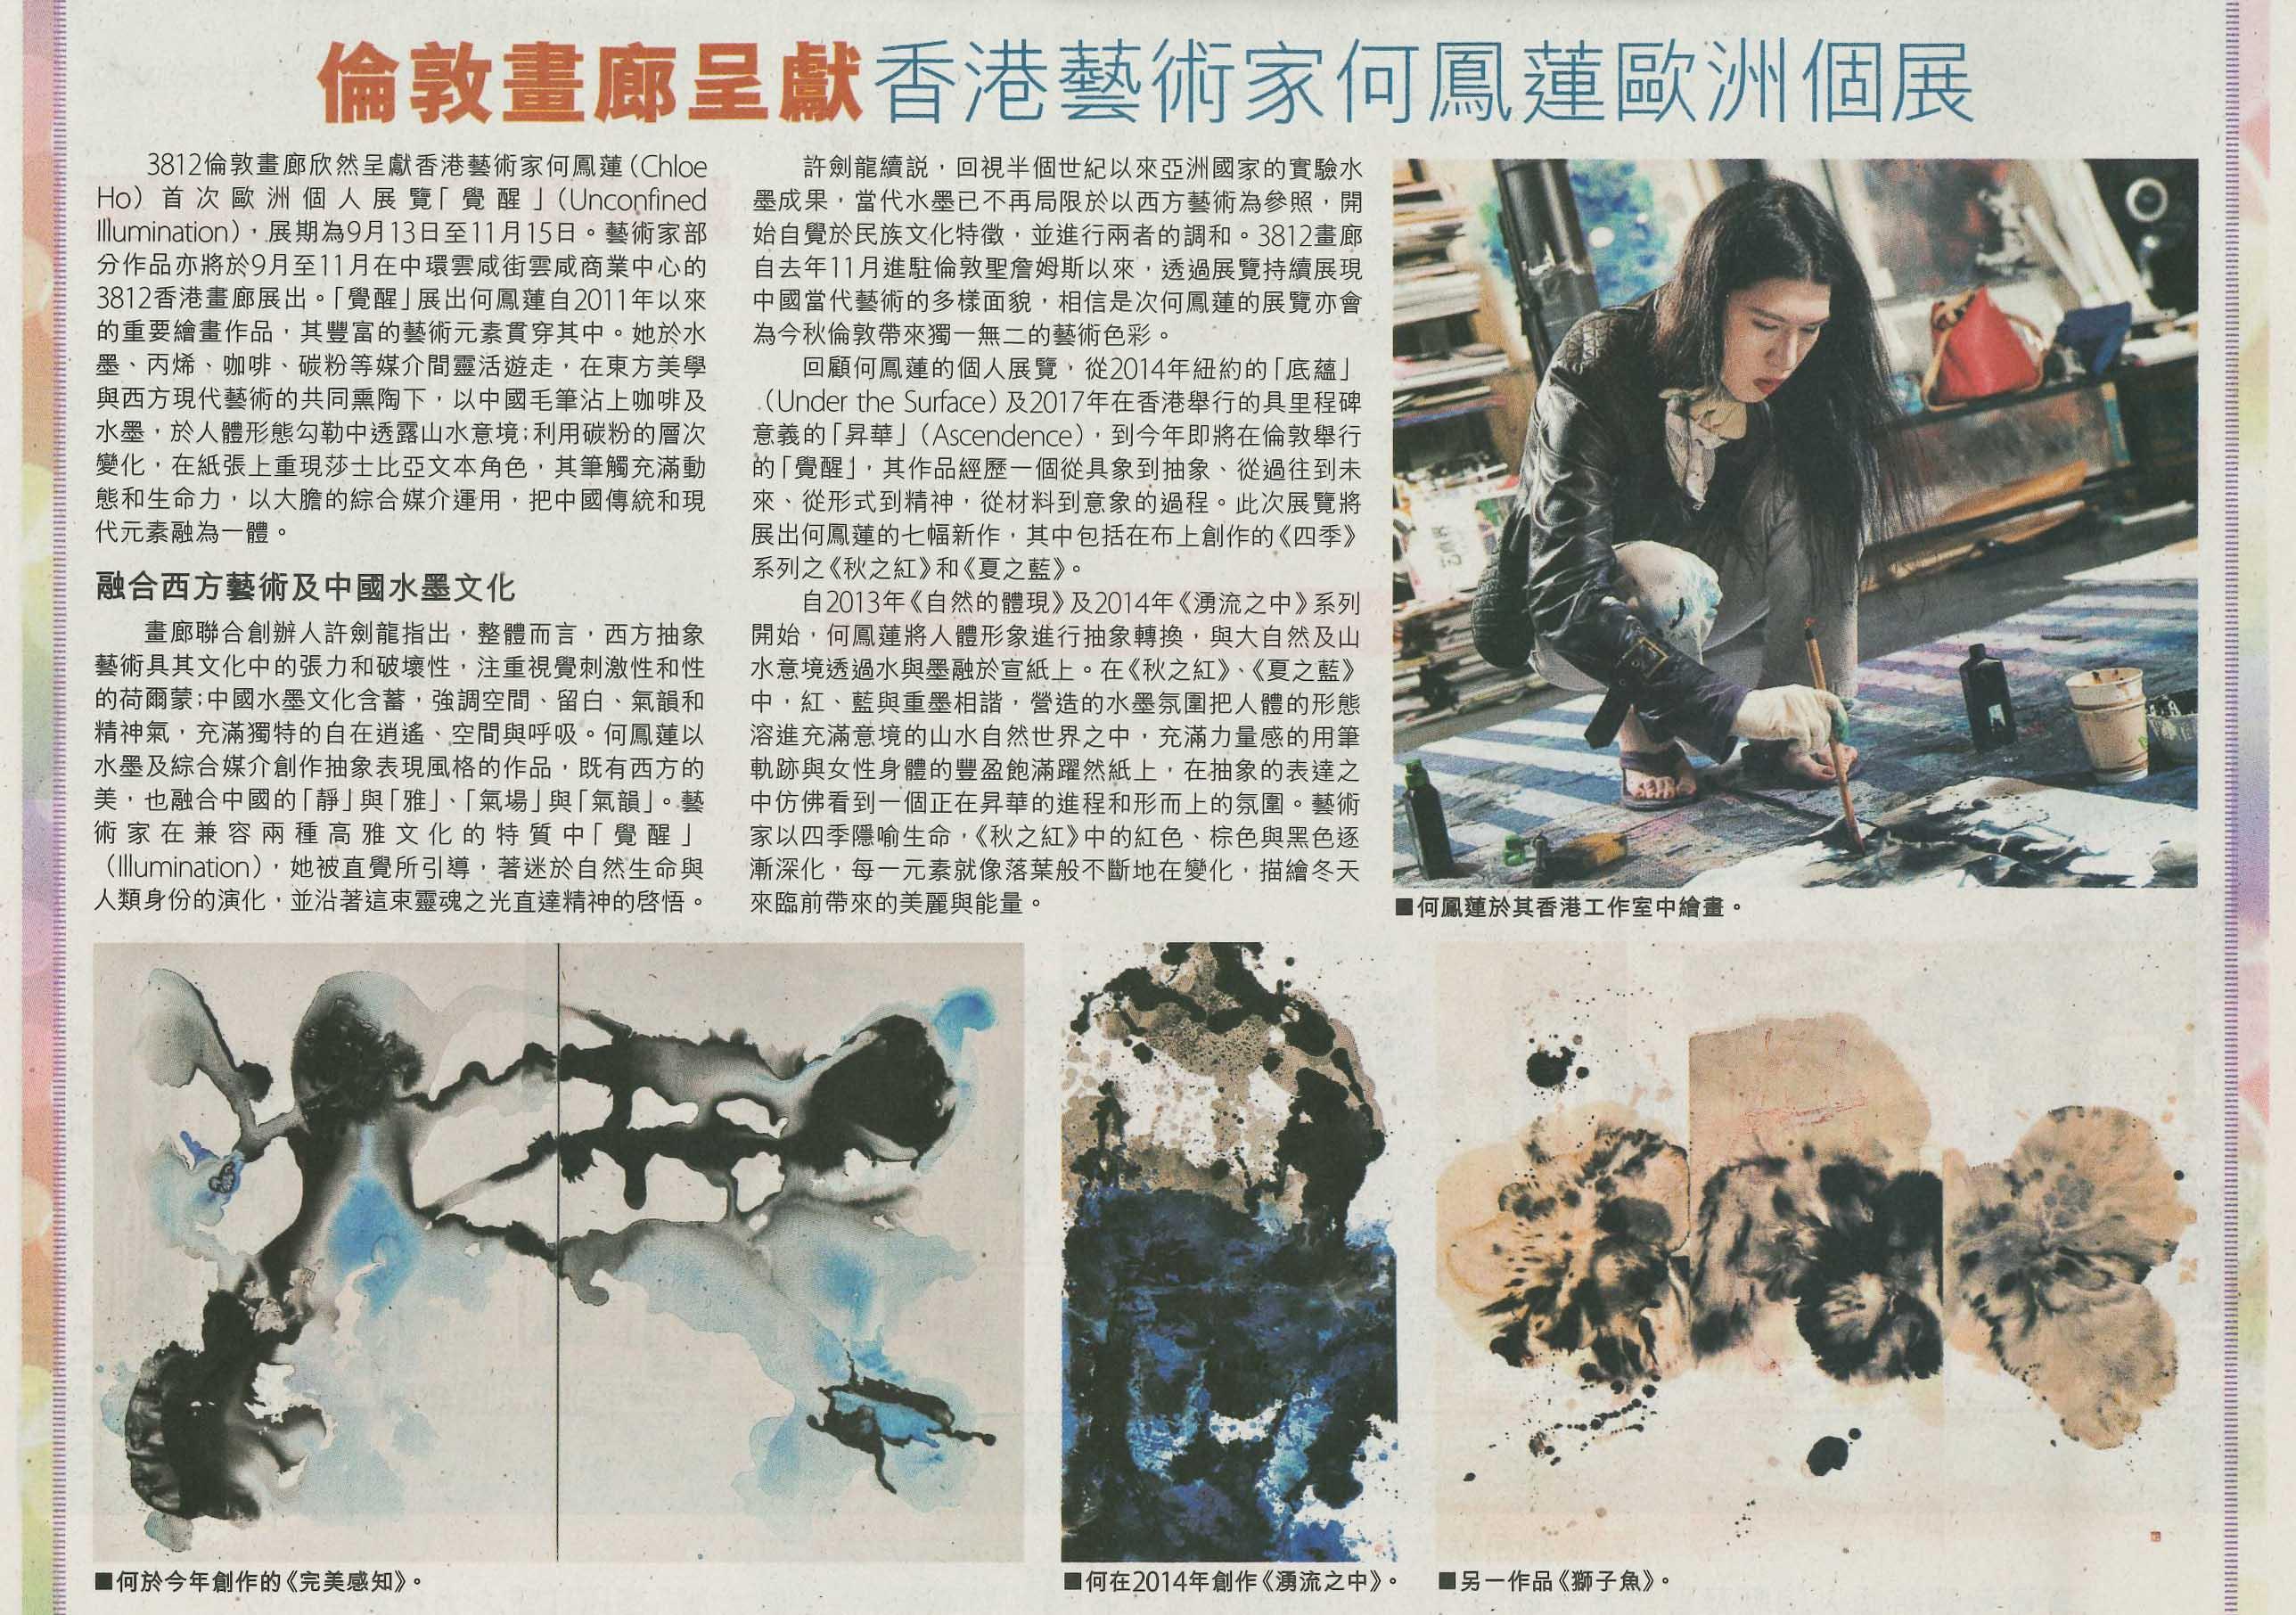 倫敦畫廊呈獻 香港藝術家何鳳蓮歐洲個展